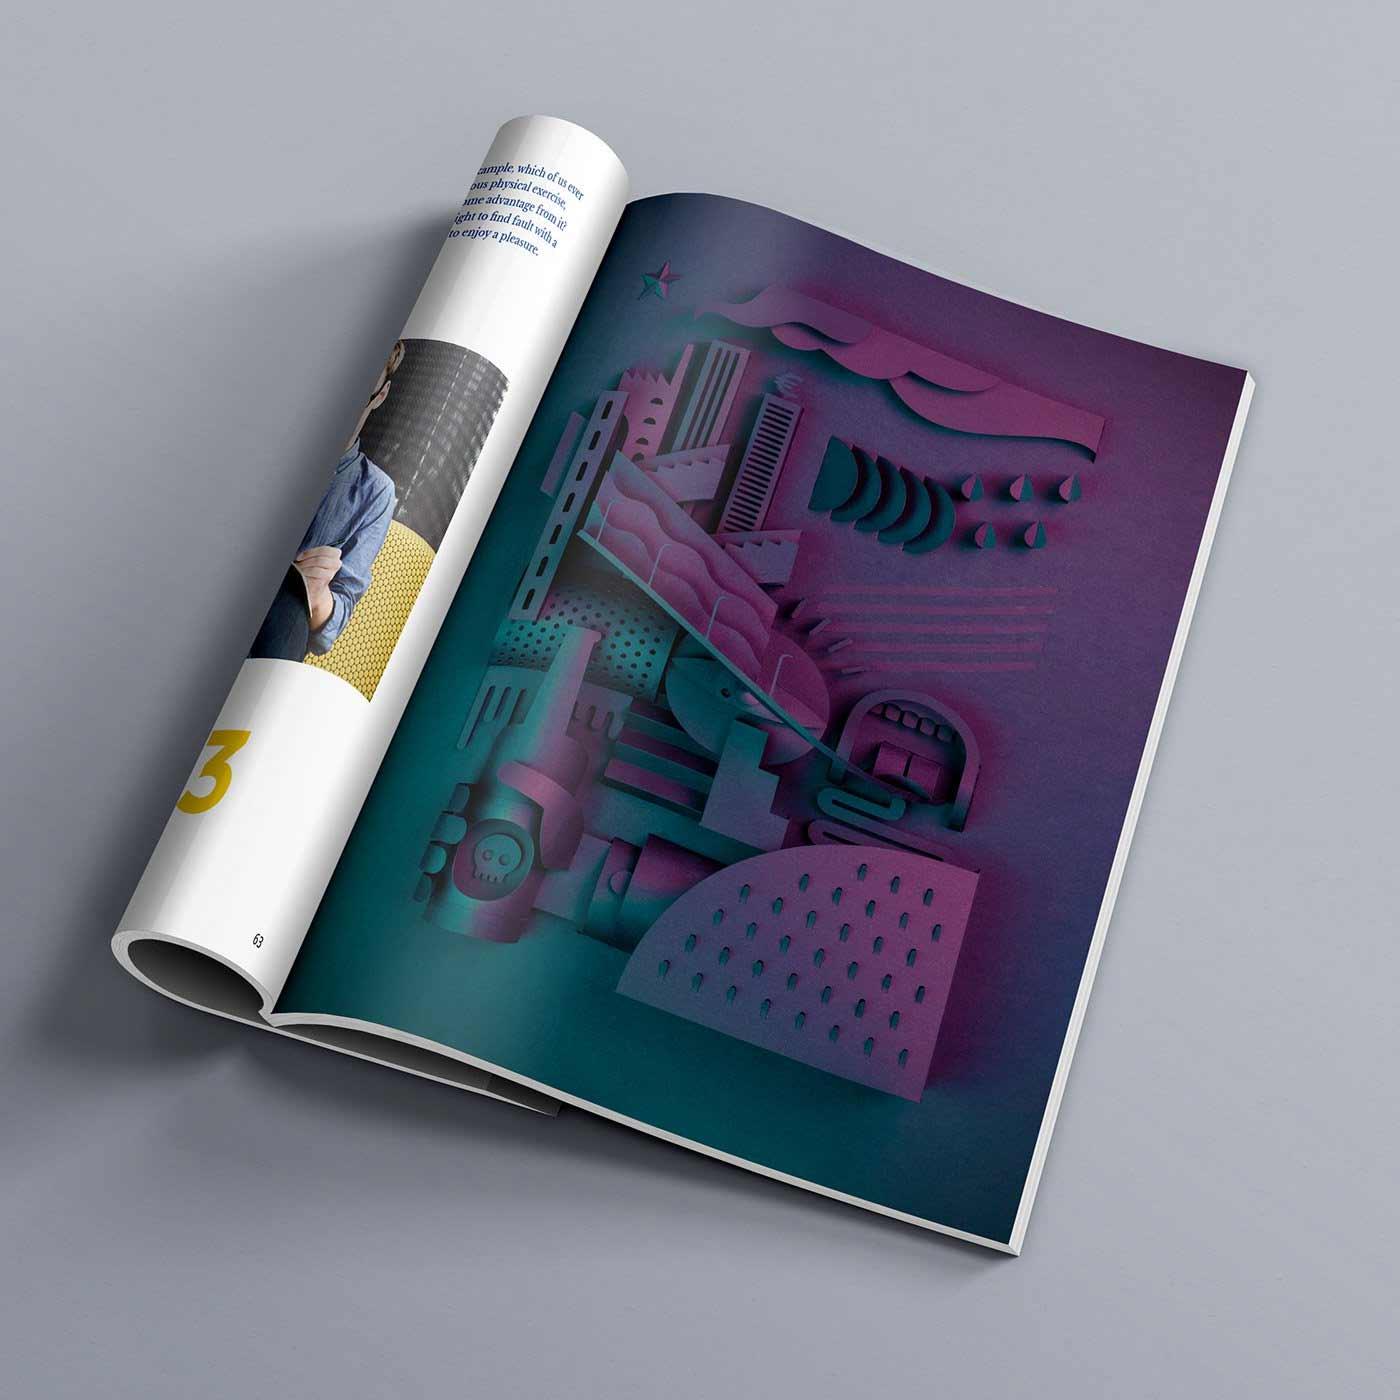 Papierkunst von Thibaut van Boxtel Papierkunst-Vebe-Thibaut-van-Boxtel_04